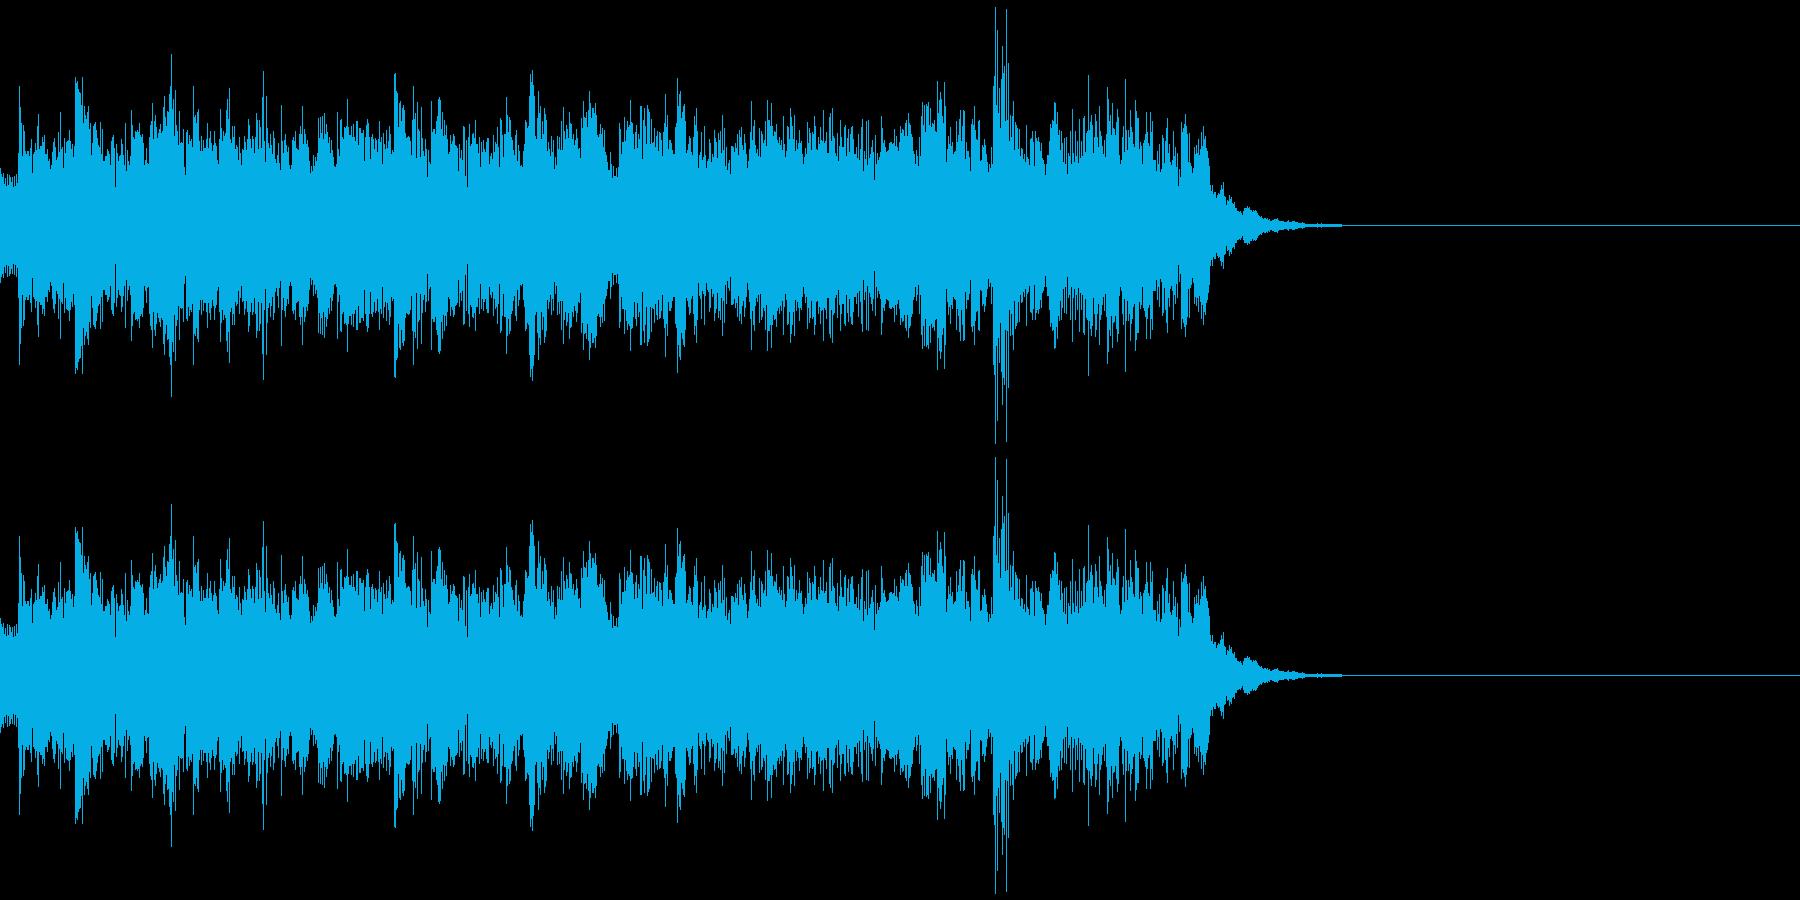 スリリングな音 の再生済みの波形